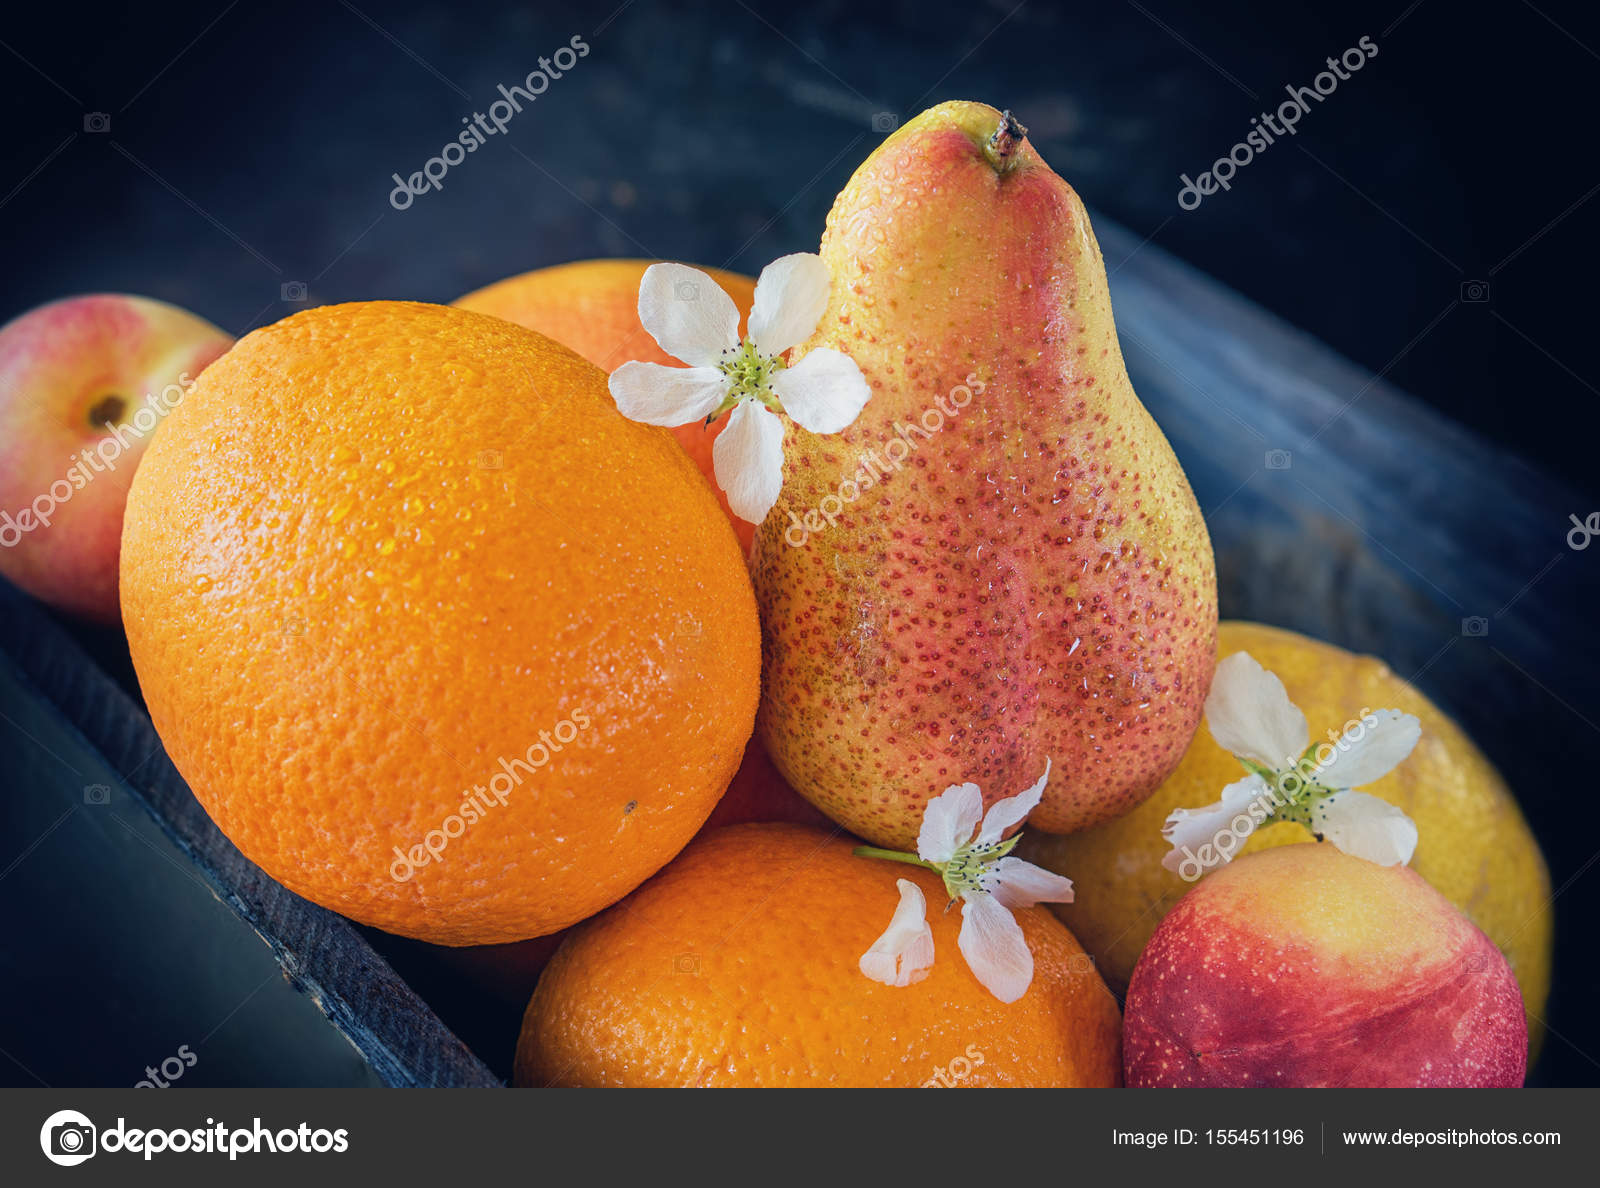 Фрукты апельсины грейпфрута персики находятся в окно крупный план.